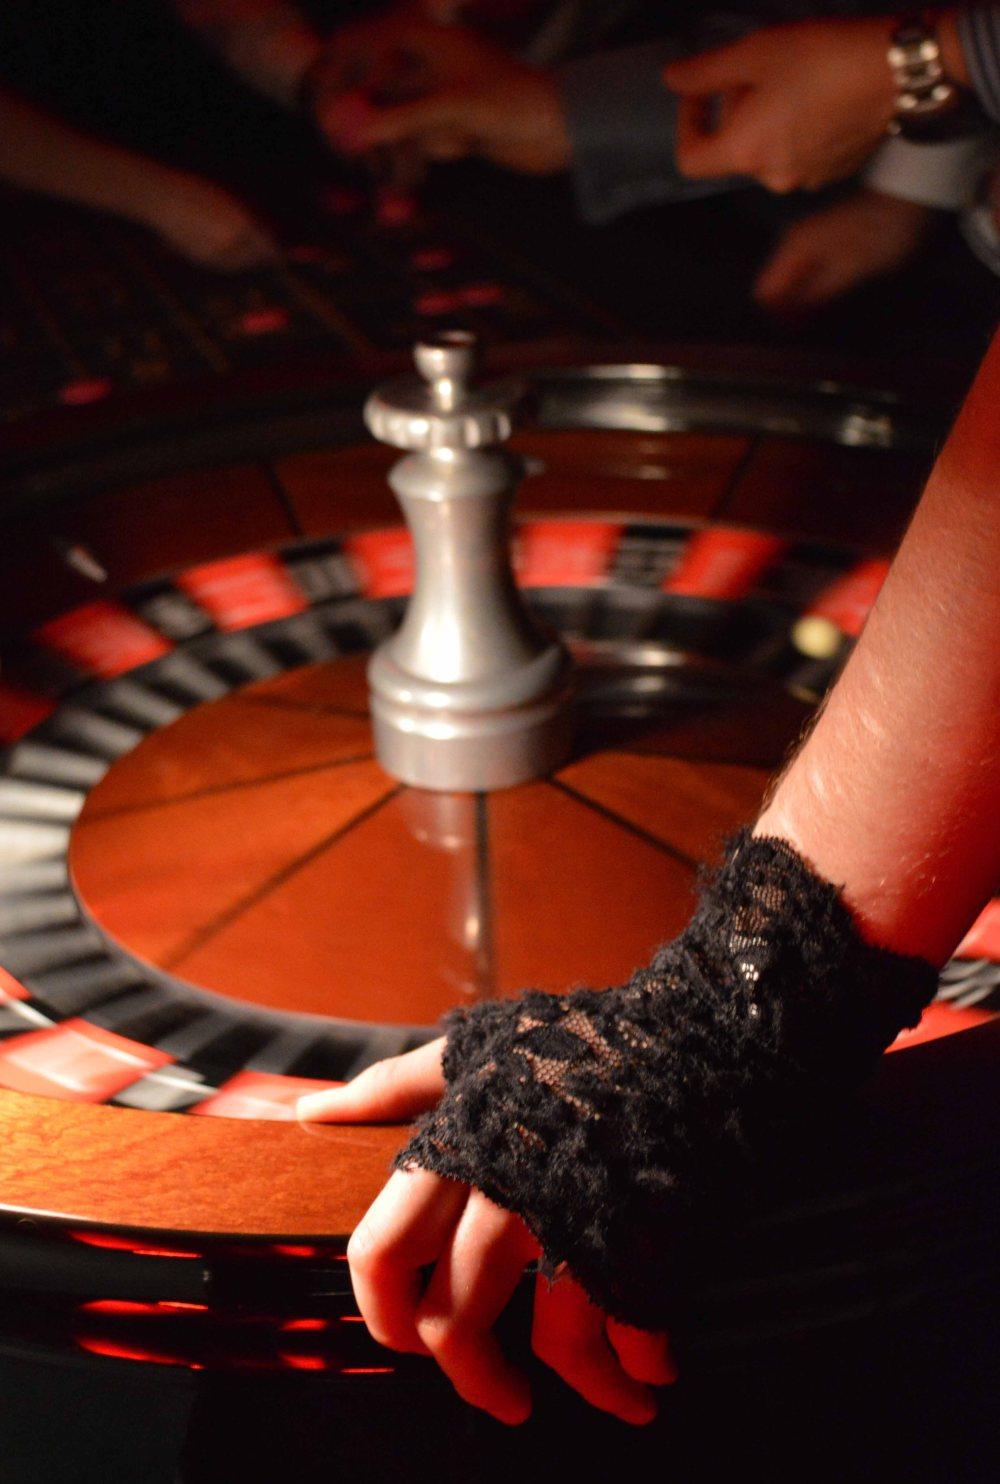 Roulette Wheel low